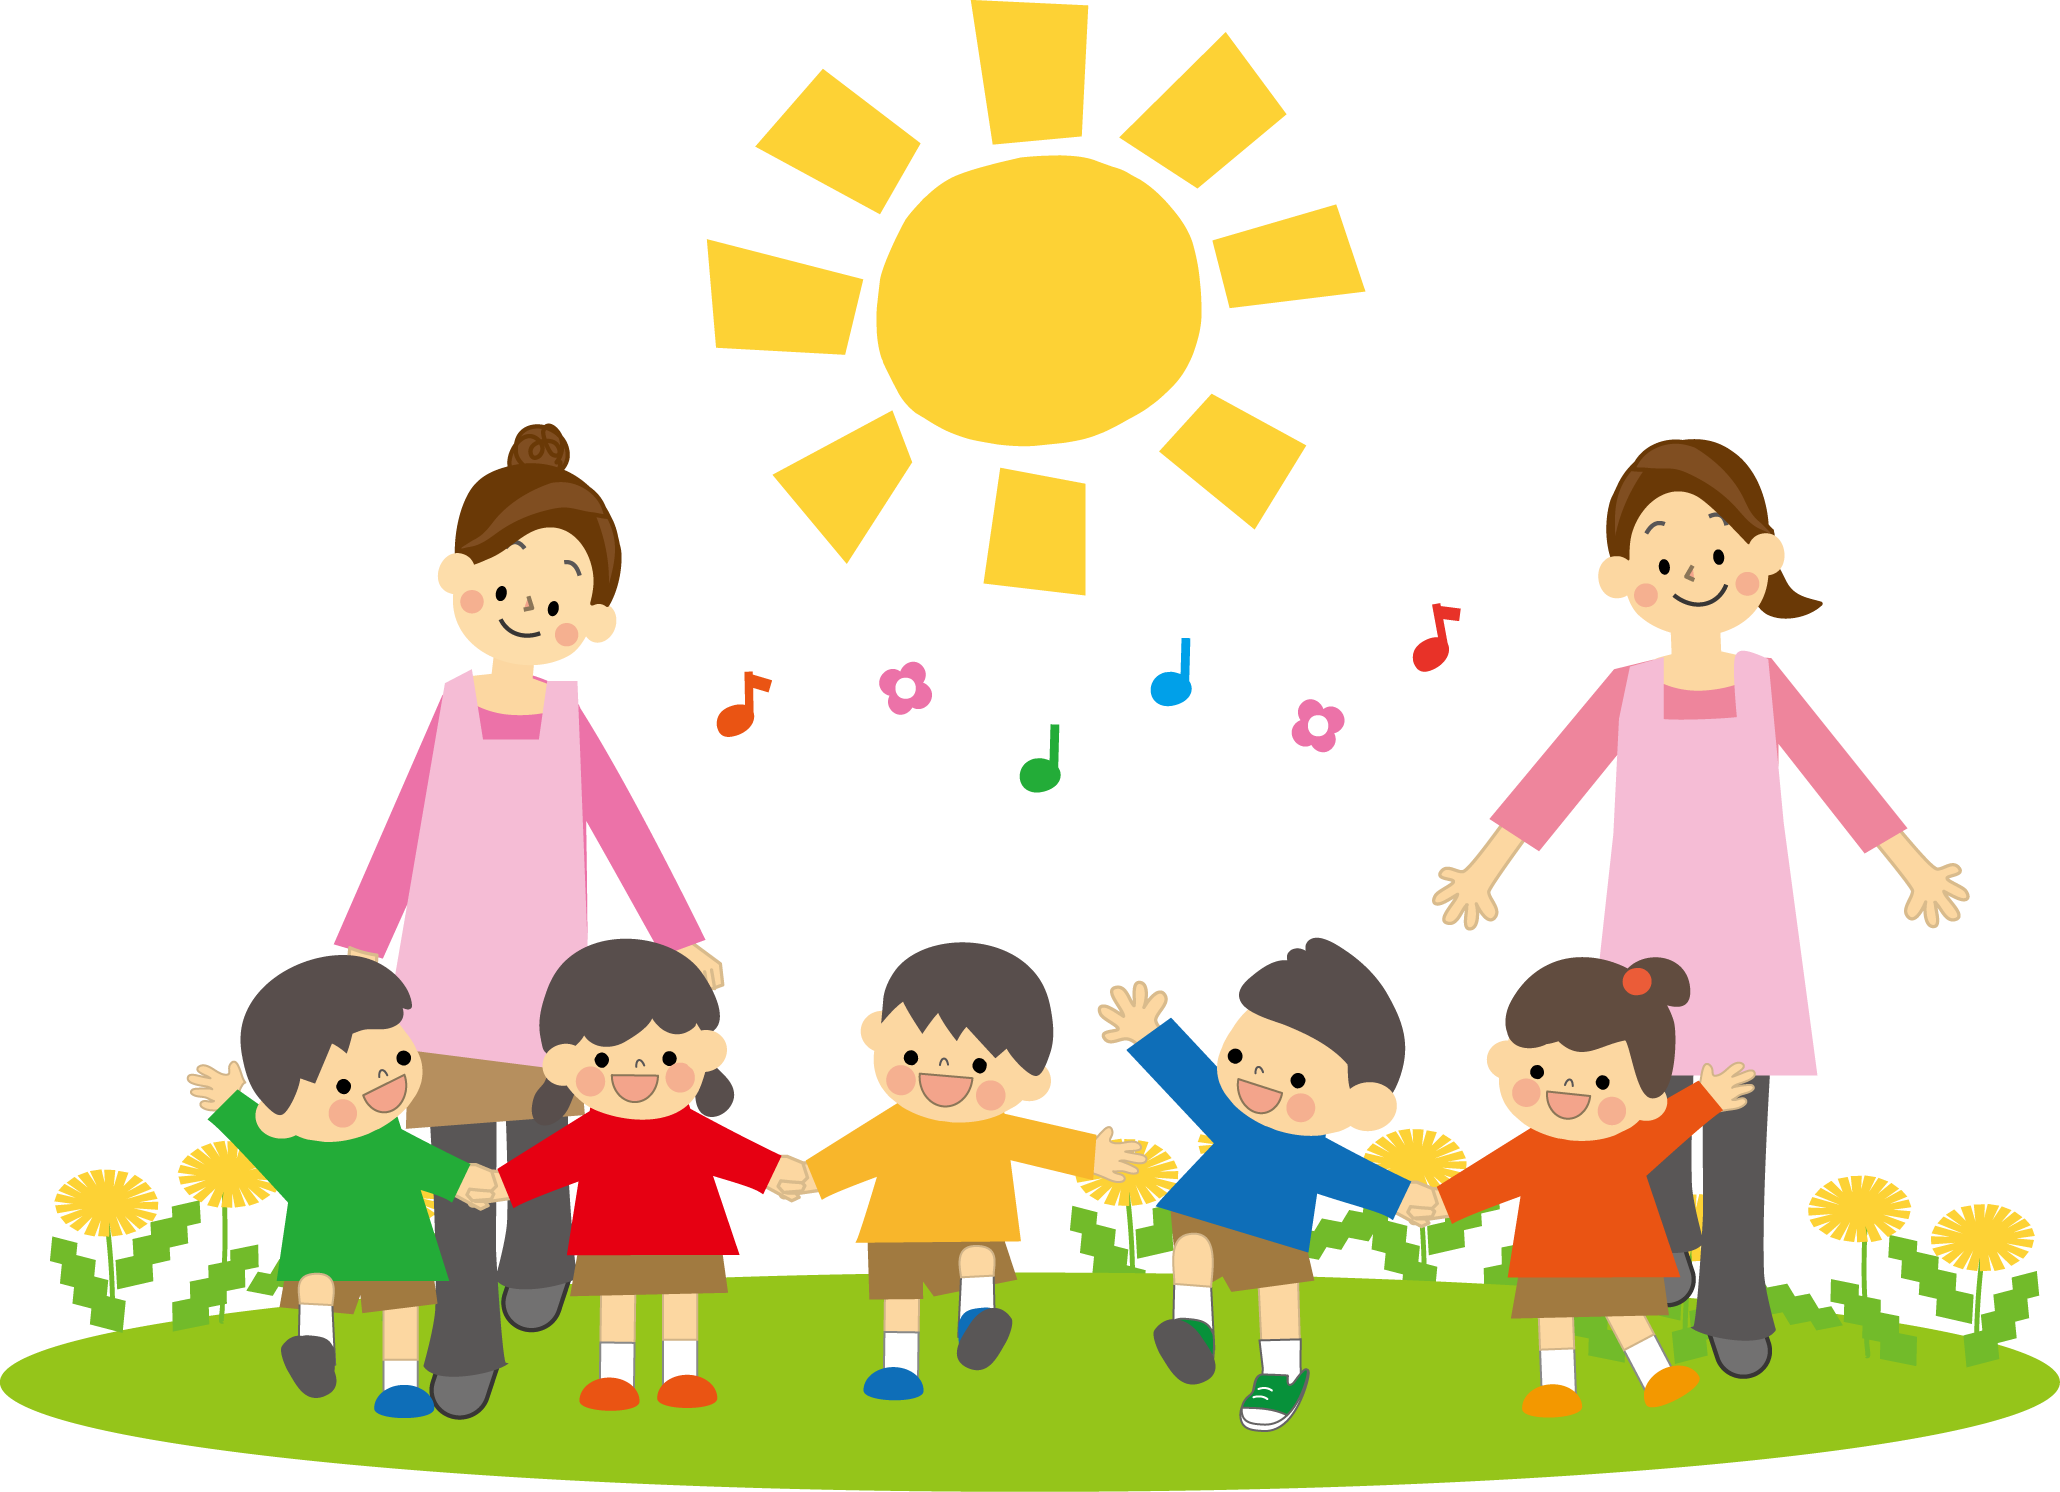 for Aprendiendo y jugando jardin infantil